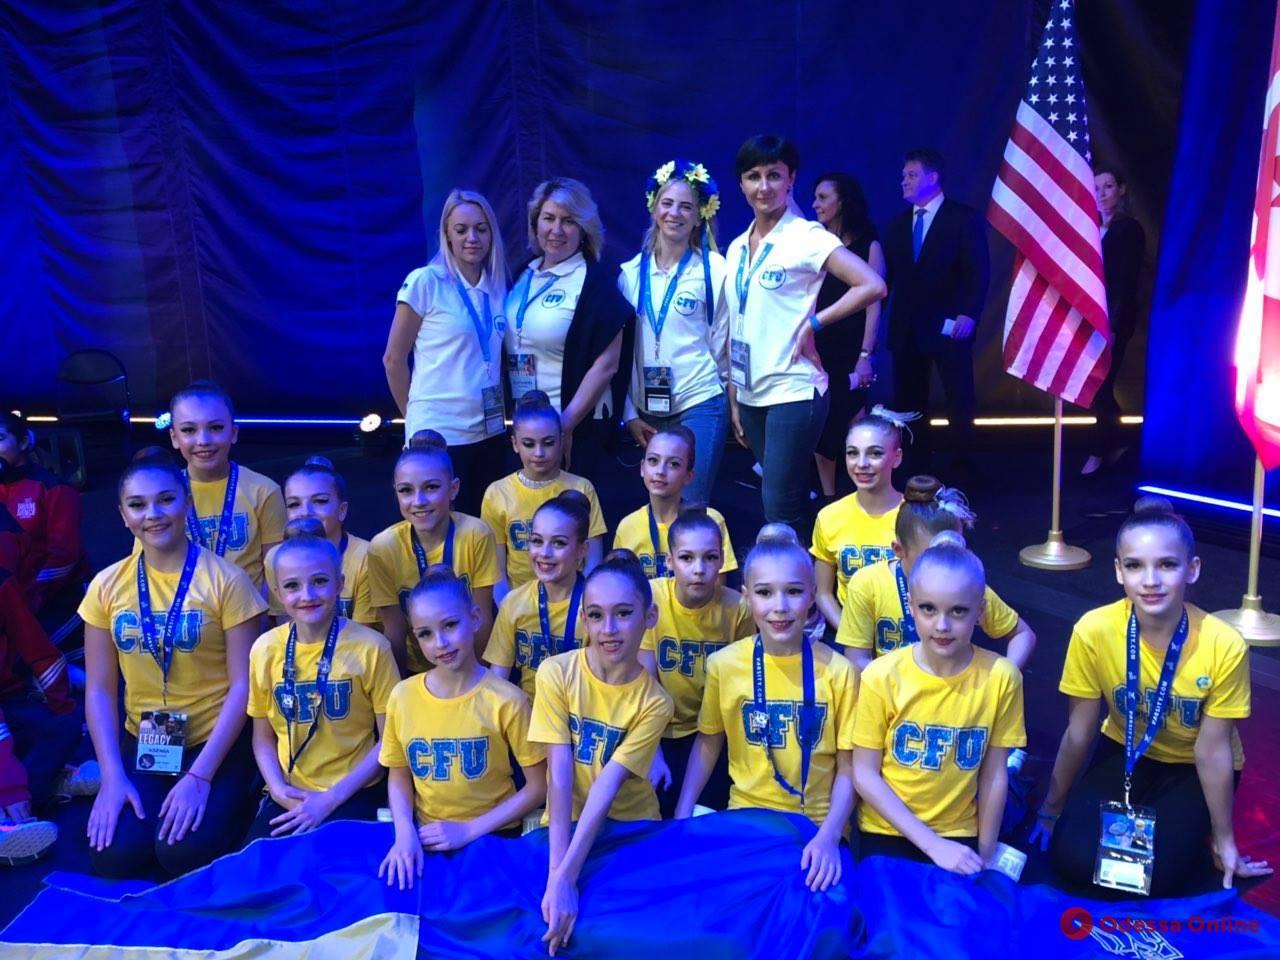 Одесские школьницы завоевали два «золота» чемпионата мира по черлидингу